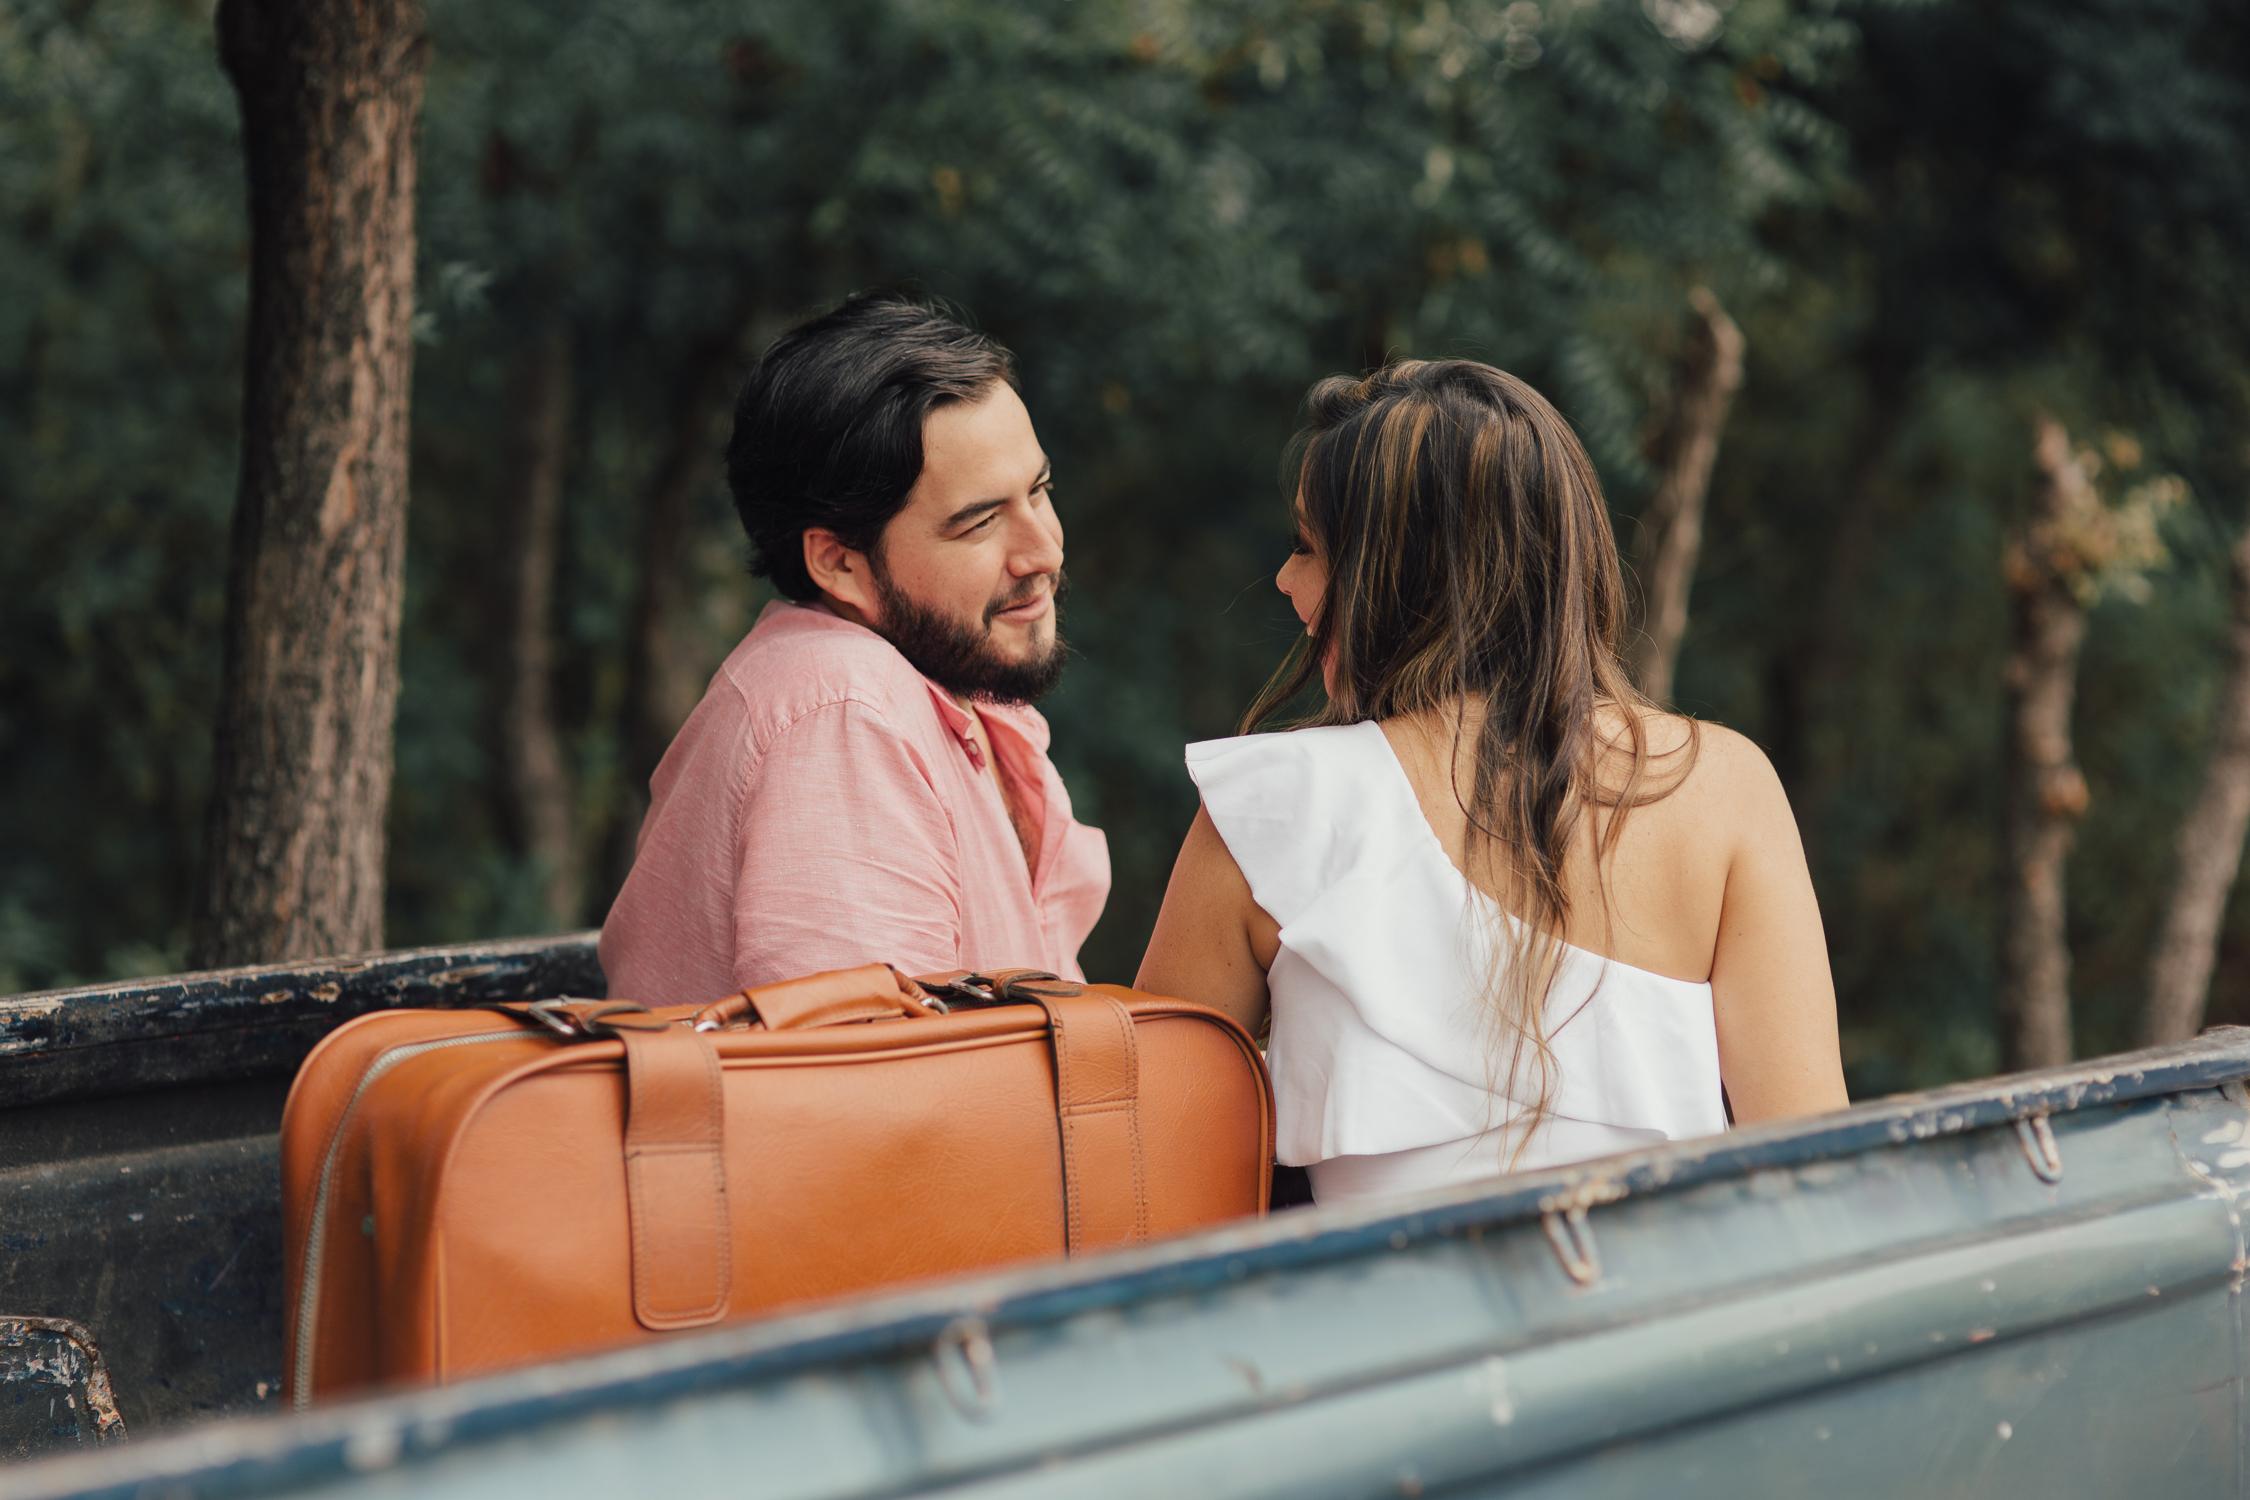 Michelle-Agurto-Fotografia-Bodas-Ecuador-Destination-Wedding-Photographer-Sesion-Maria-Gracia-Bonfy-62.JPG